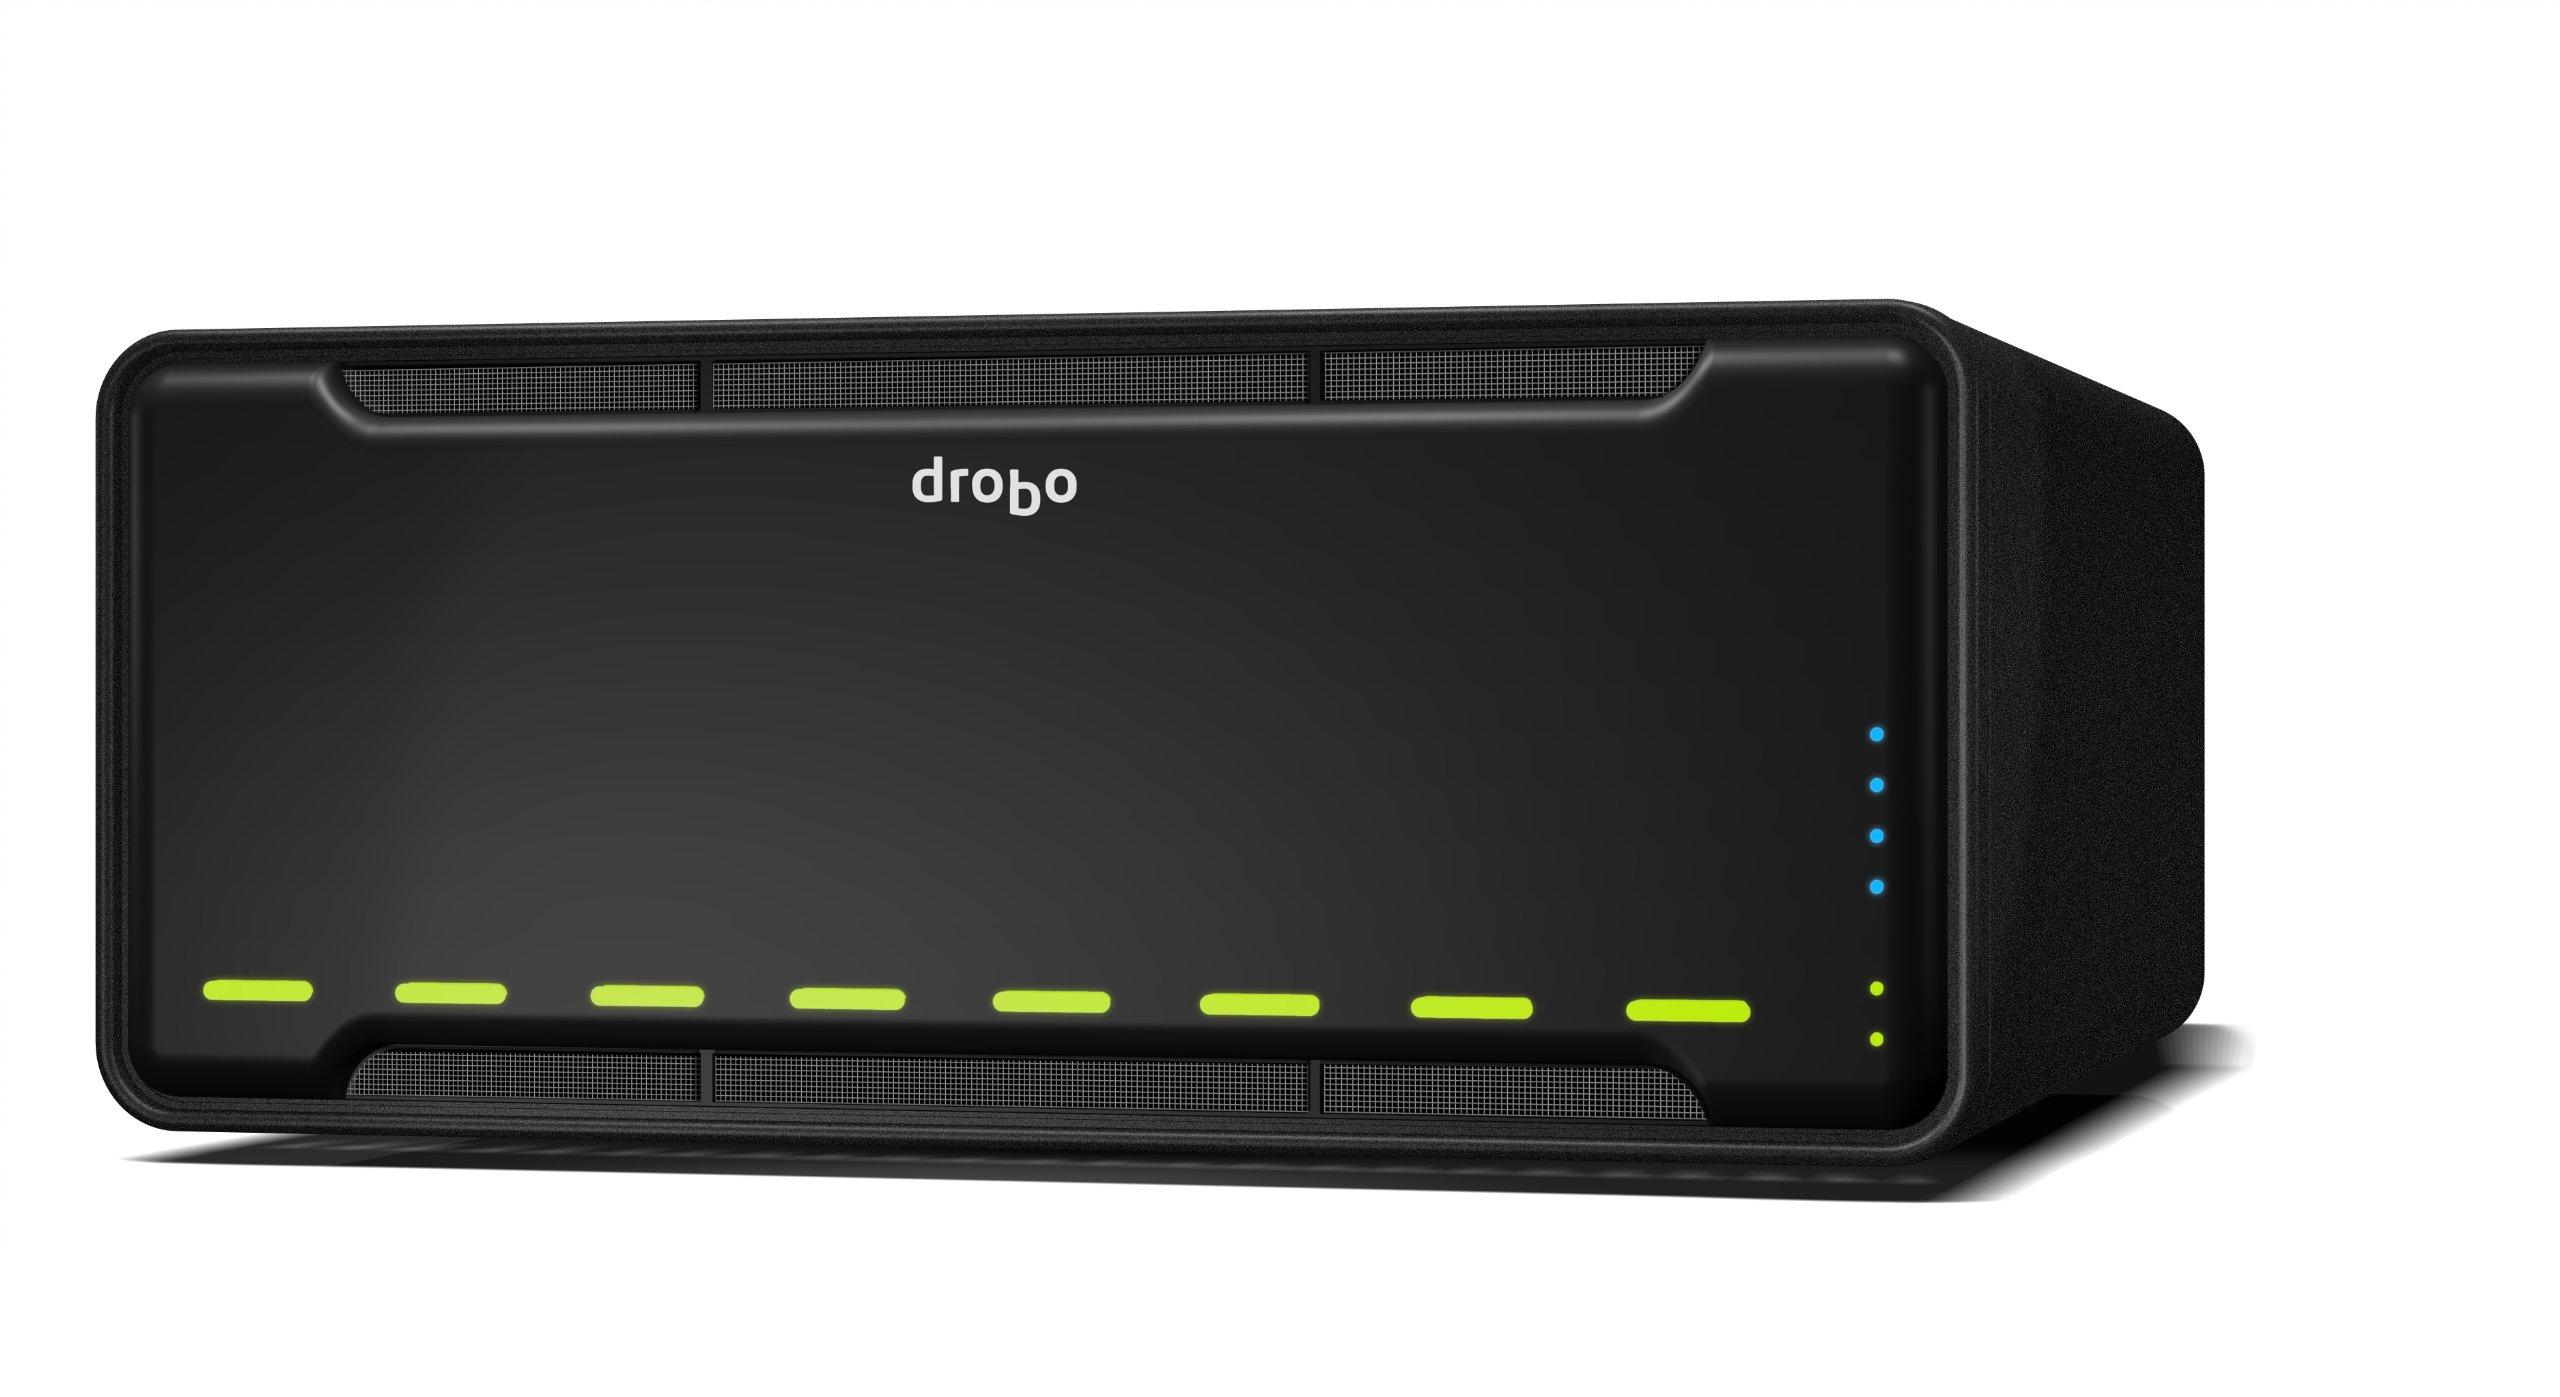 Drobo B810i - 8 Bay SAN Storage Array for Business- iSCSI x 2 Ports (DR-B810I-3A21) by Drobo